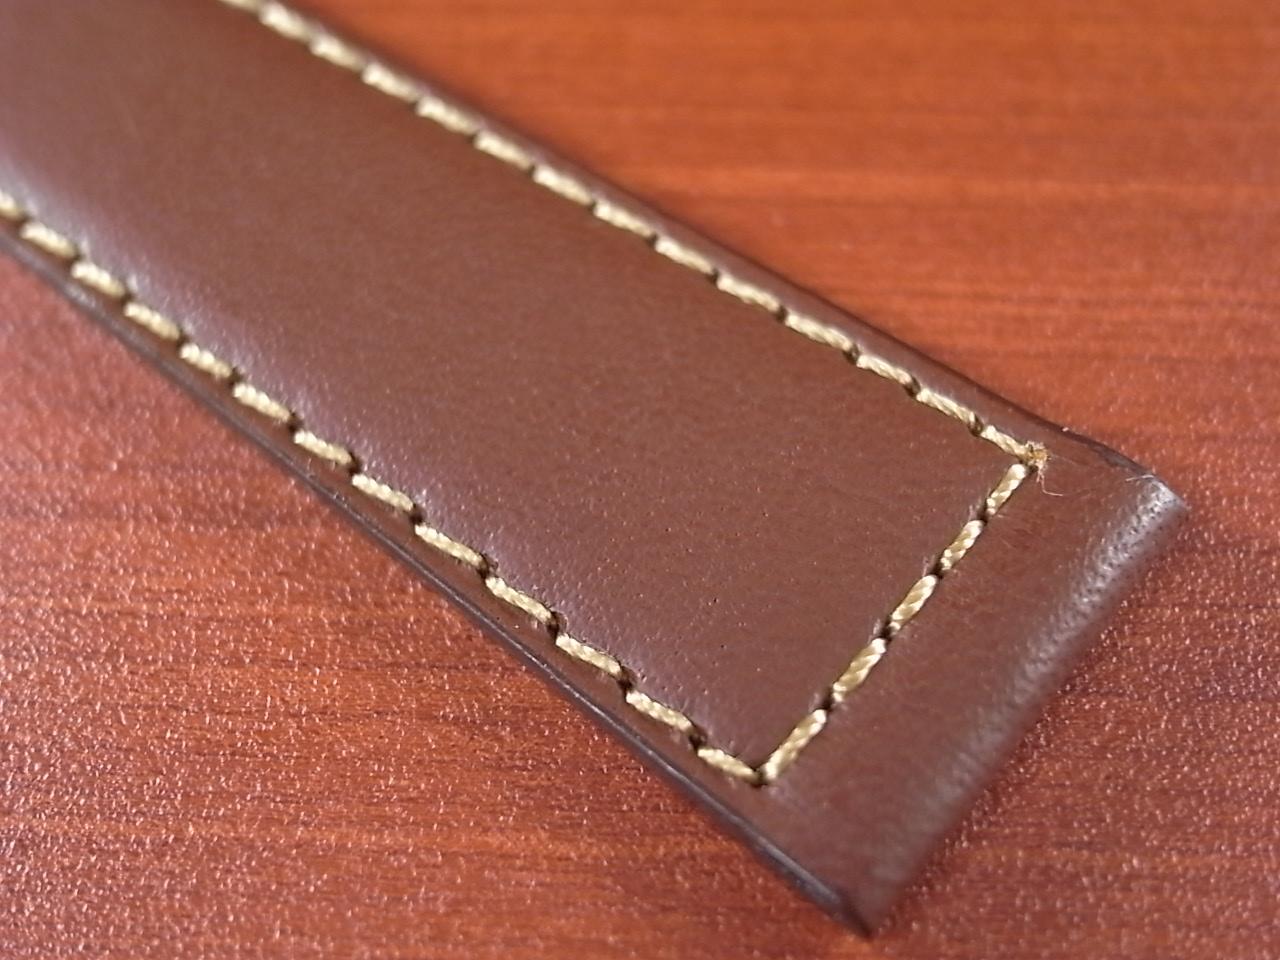 カーフ革ベルト 赤茶 18、20mm オリジナル CC-003の写真6枚目